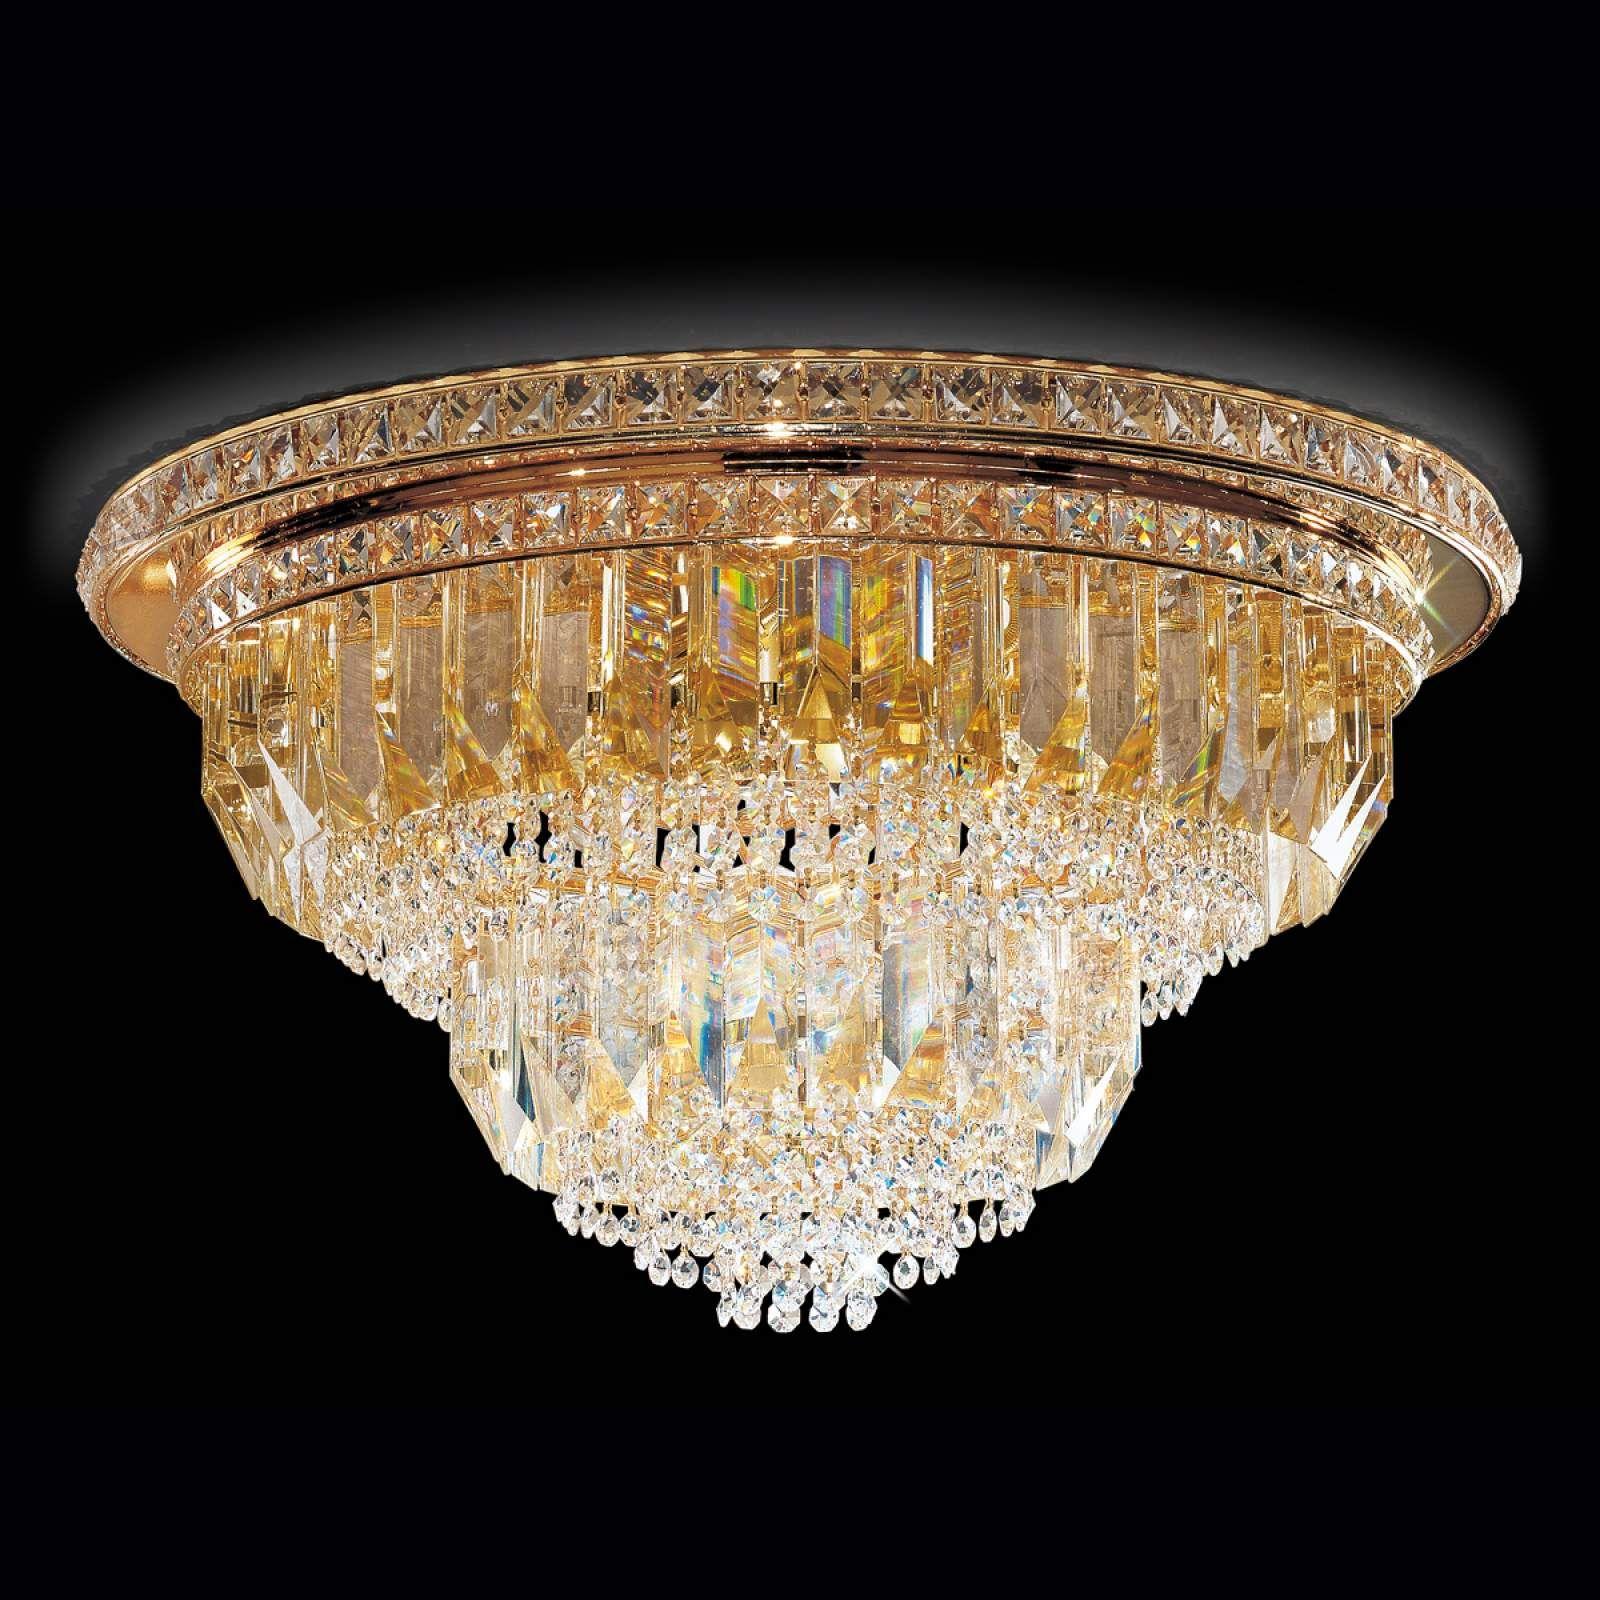 Deckenleuchte Cristalli, 60cm in Gold von PATRIZIA VOLPATO